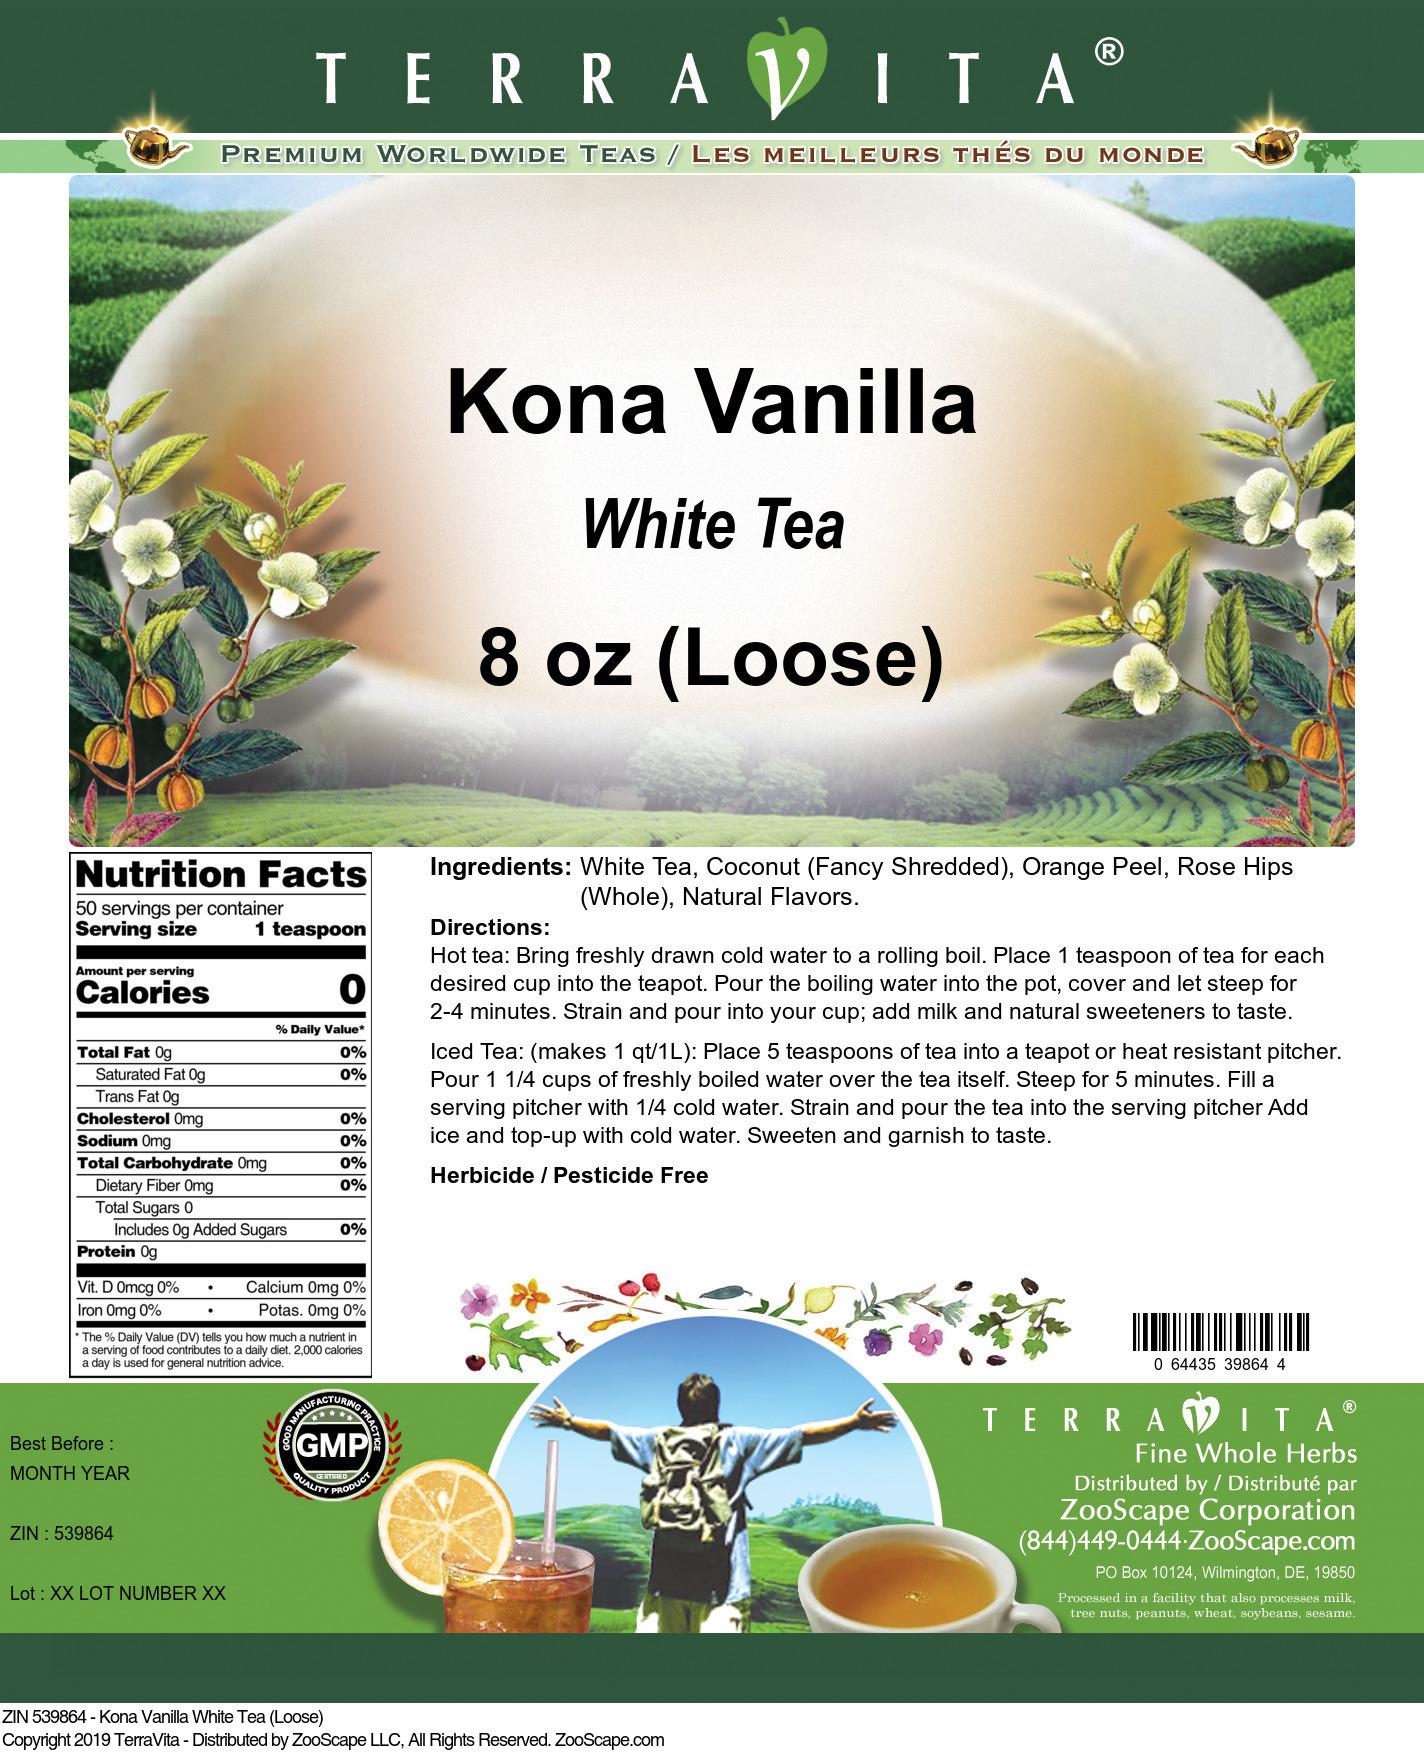 Kona Vanilla White Tea (Loose)